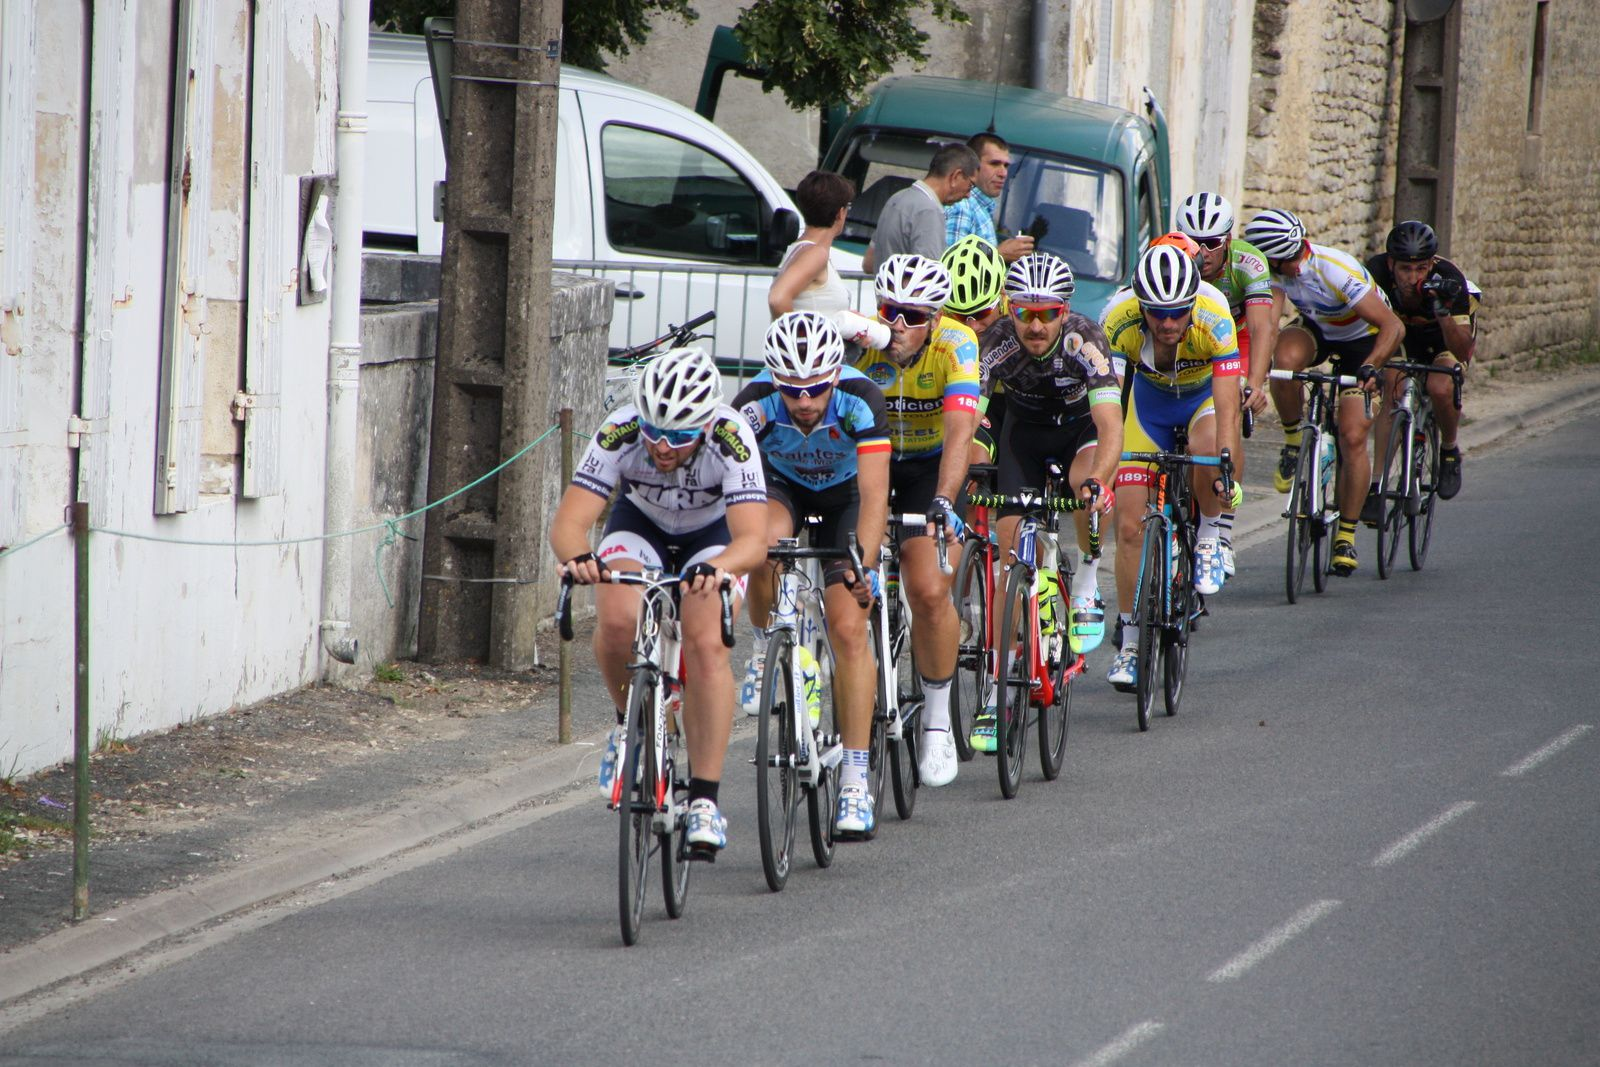 Nouvelle  configuration  Corentin  NADON  est  repartit  avec  Sébastien  CHAMPALOU, Clément  MOLINOT  emméne  le  peloton